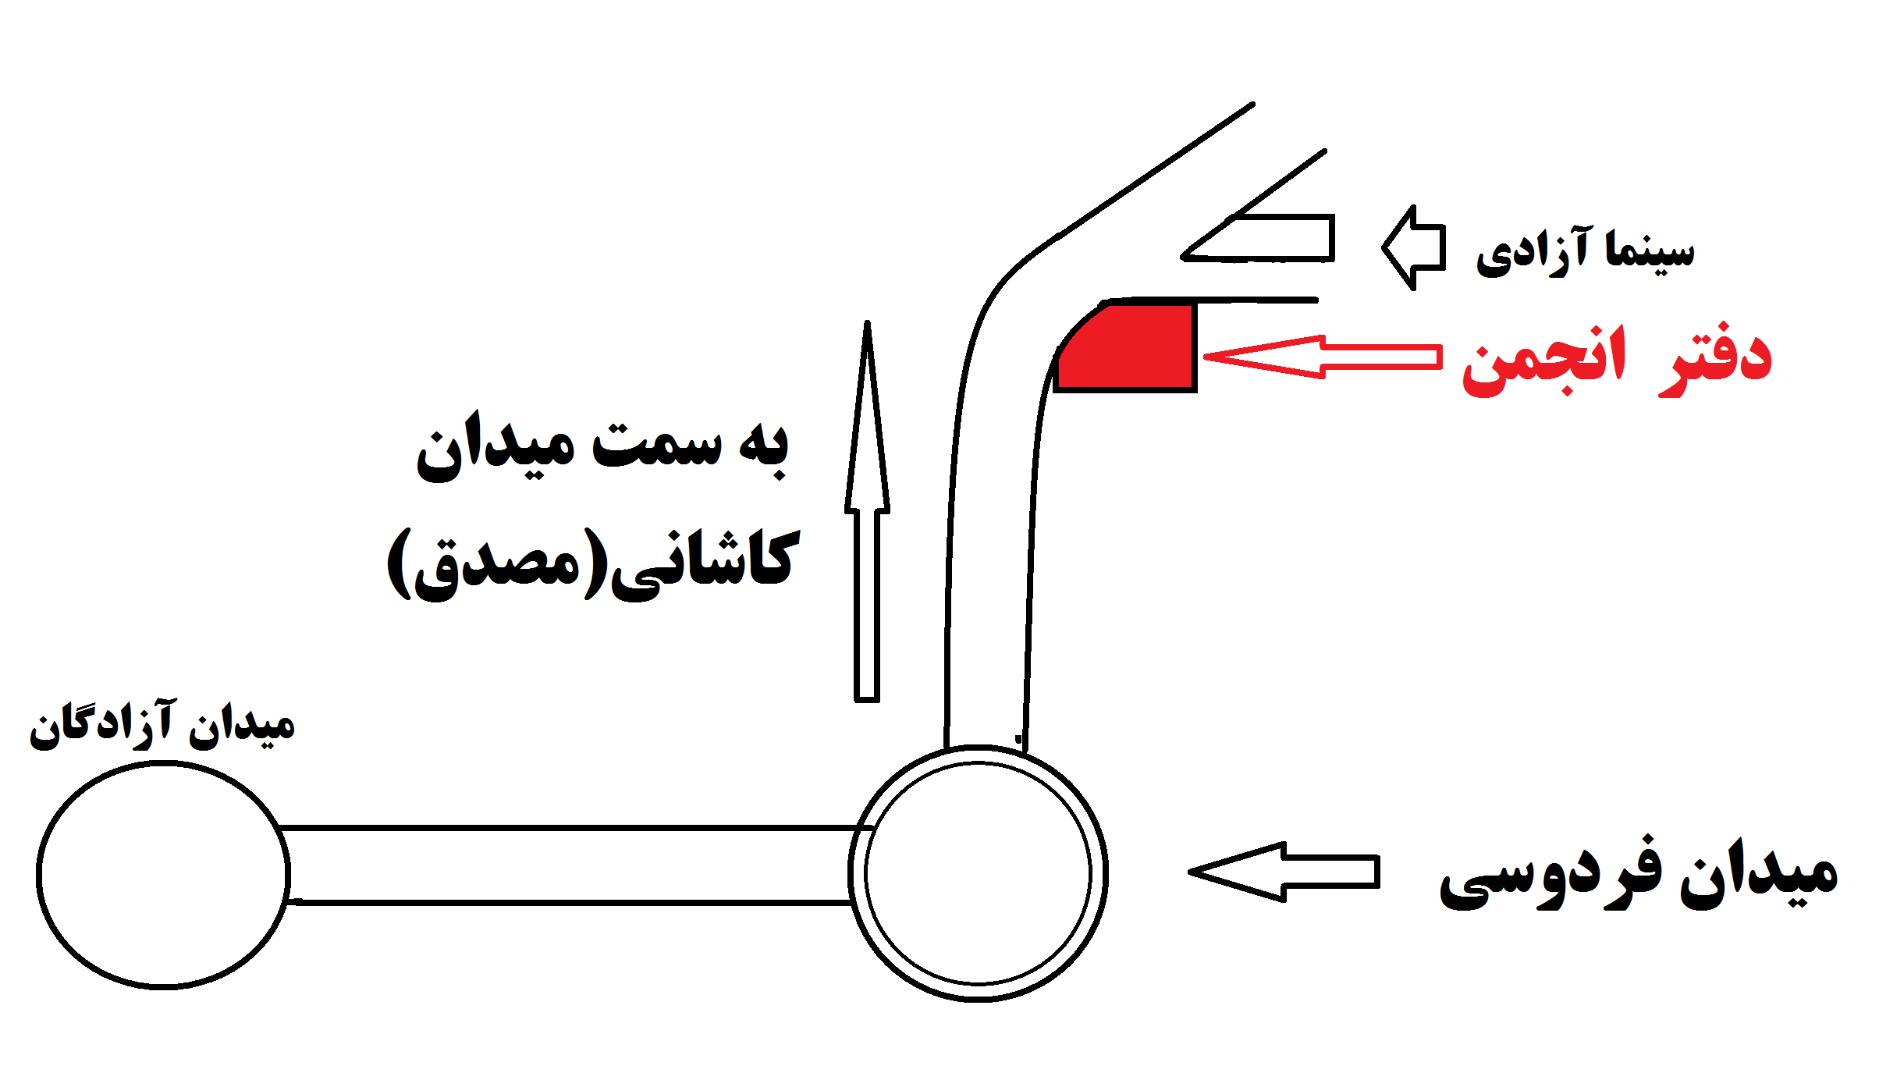 آدرس انجمن صنفی ایمنی کرمانشاه